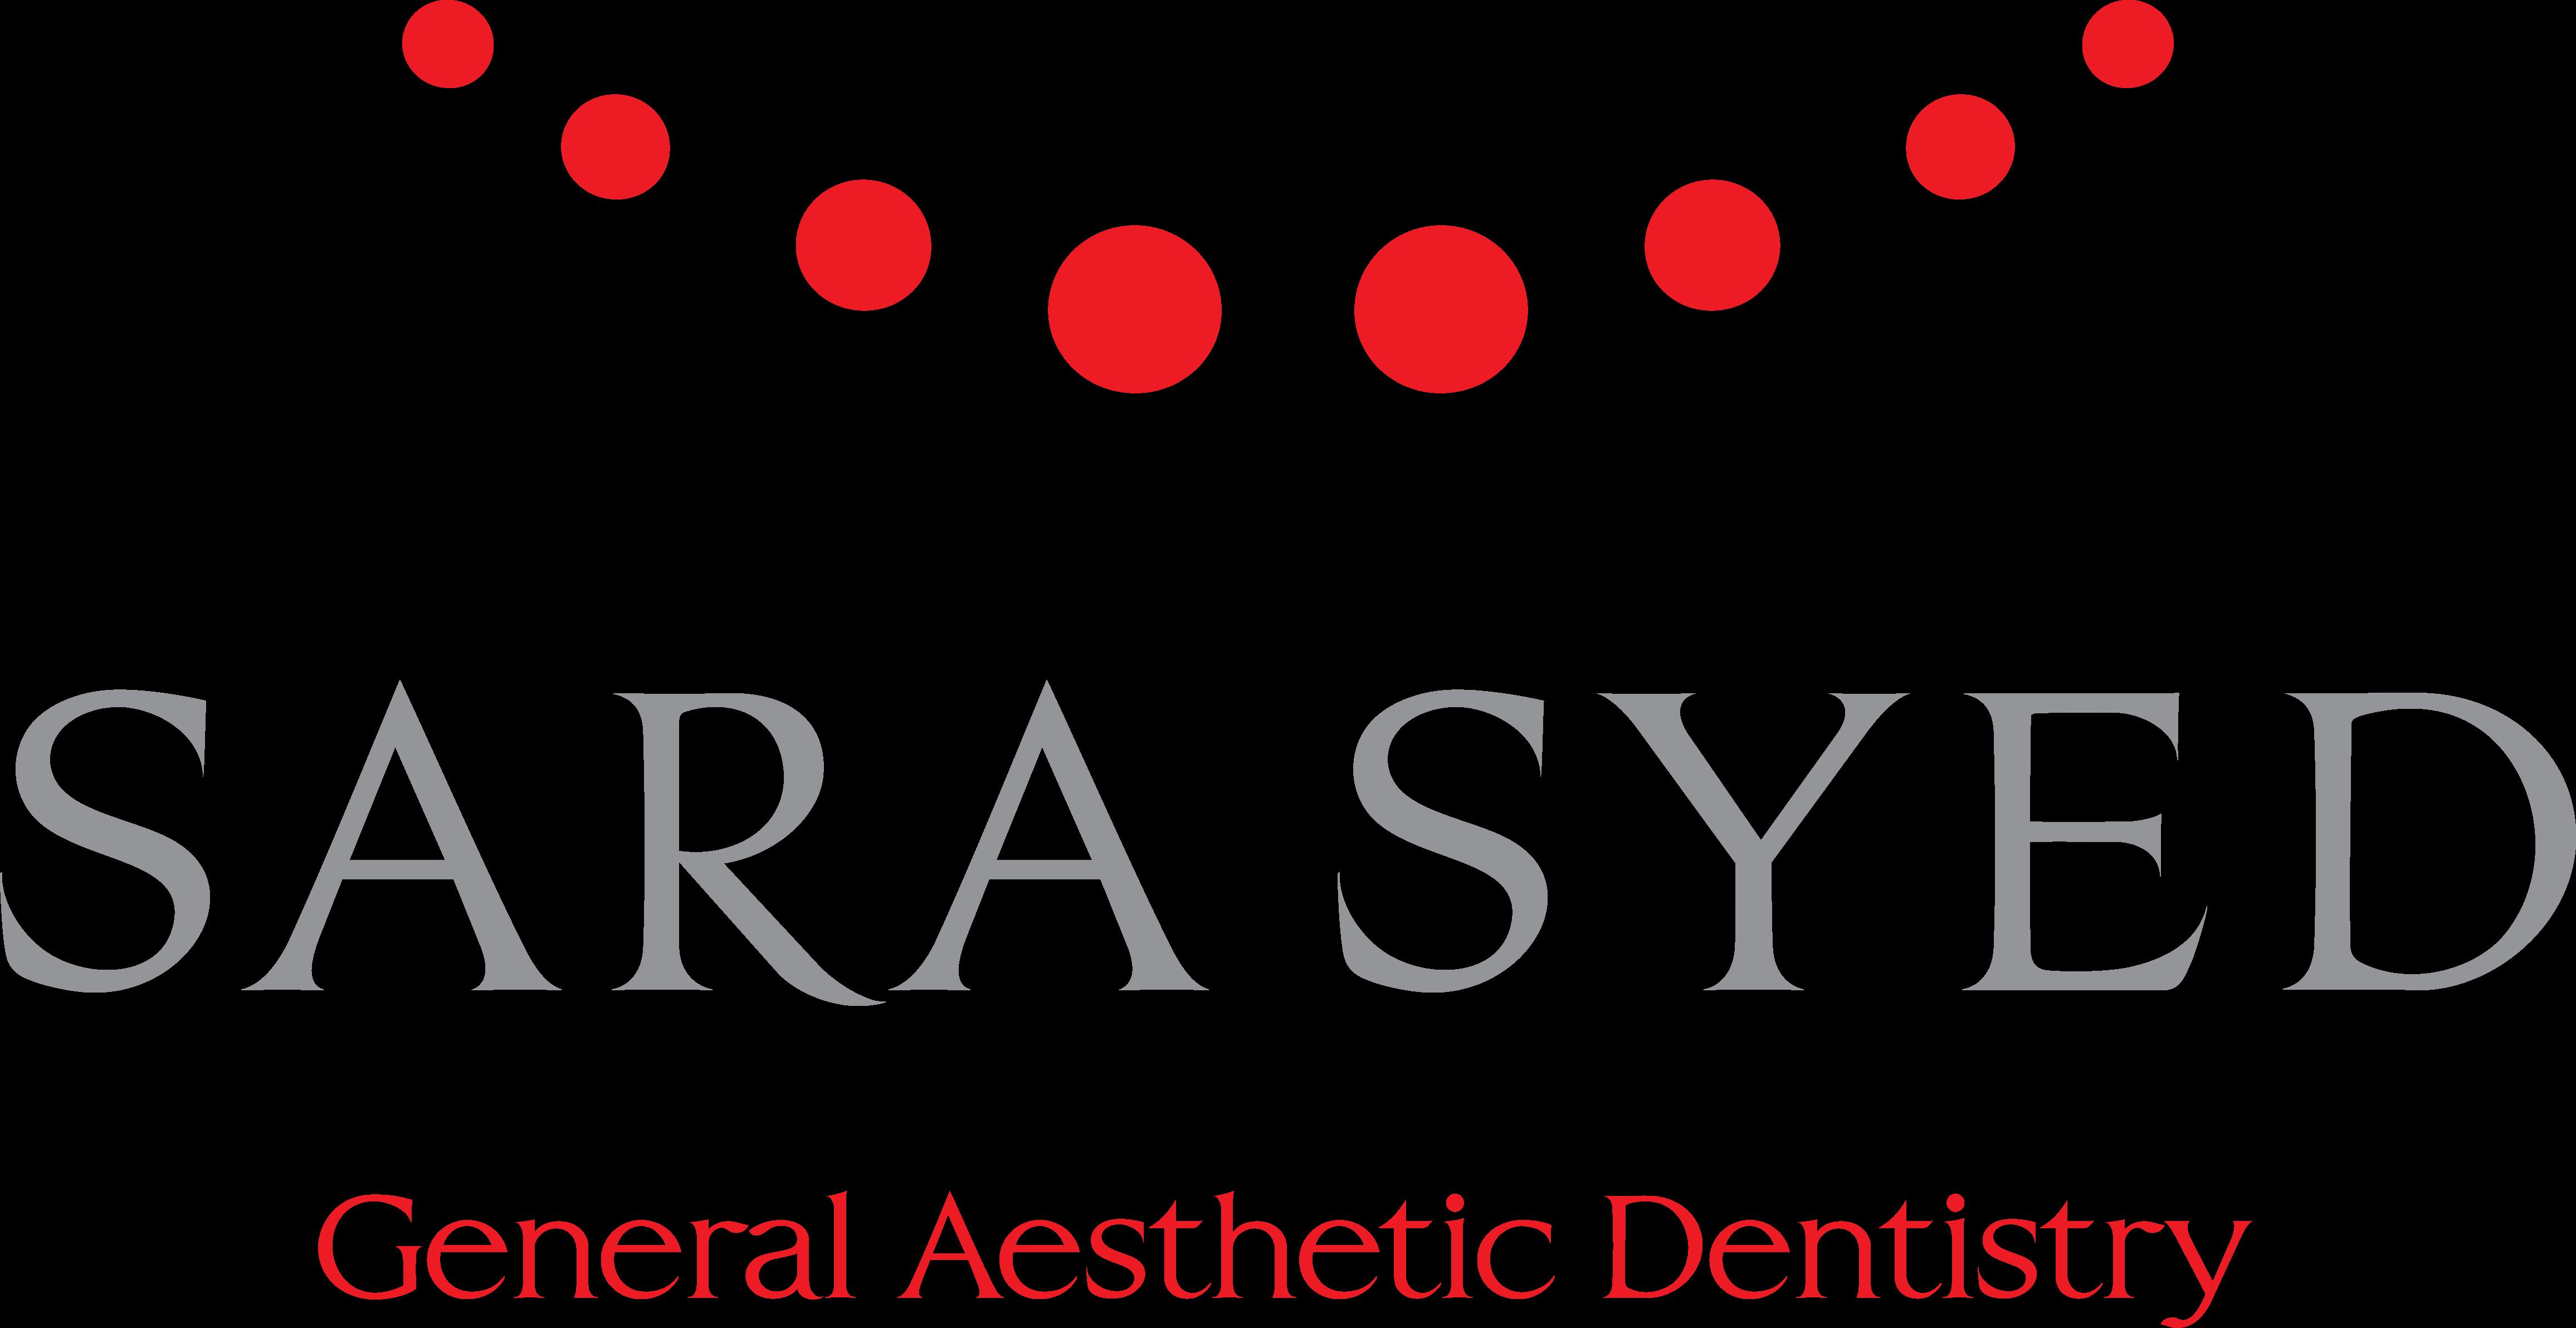 Dr. Sara Syed Dentistry